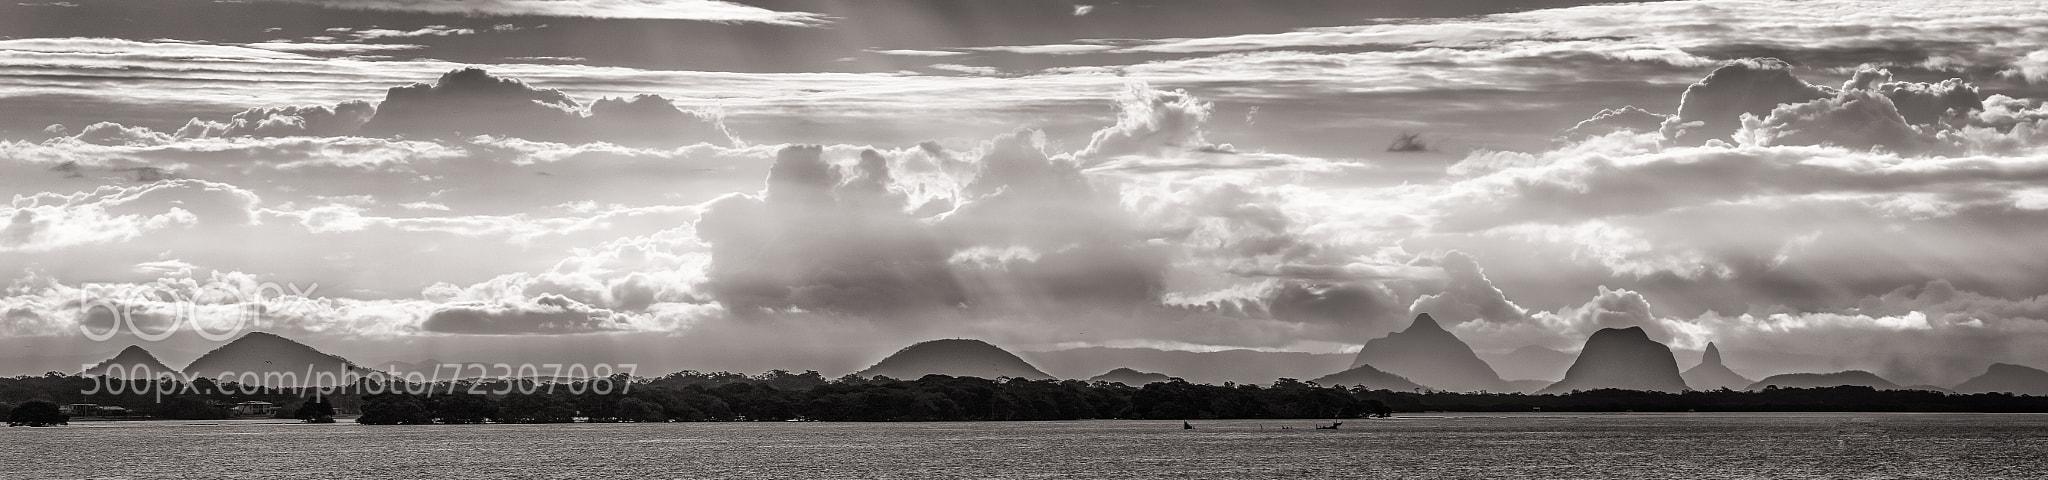 Photograph Pumestone Panorama by Matthew Post on 500px